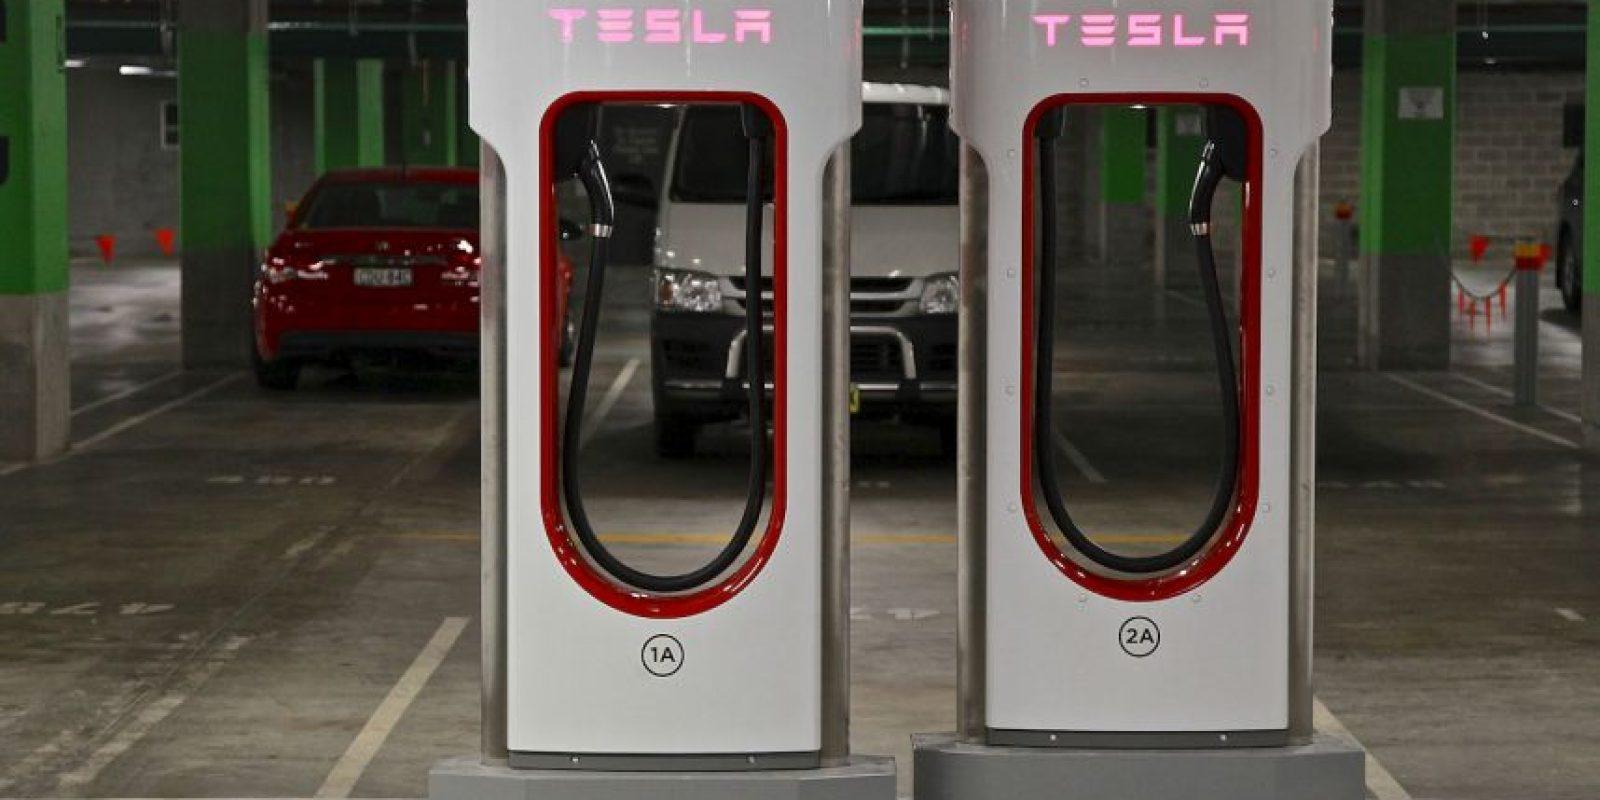 ¿Cuándo tendremos ciudades con automóviles 100% eléctricos? Foto:Getty Images